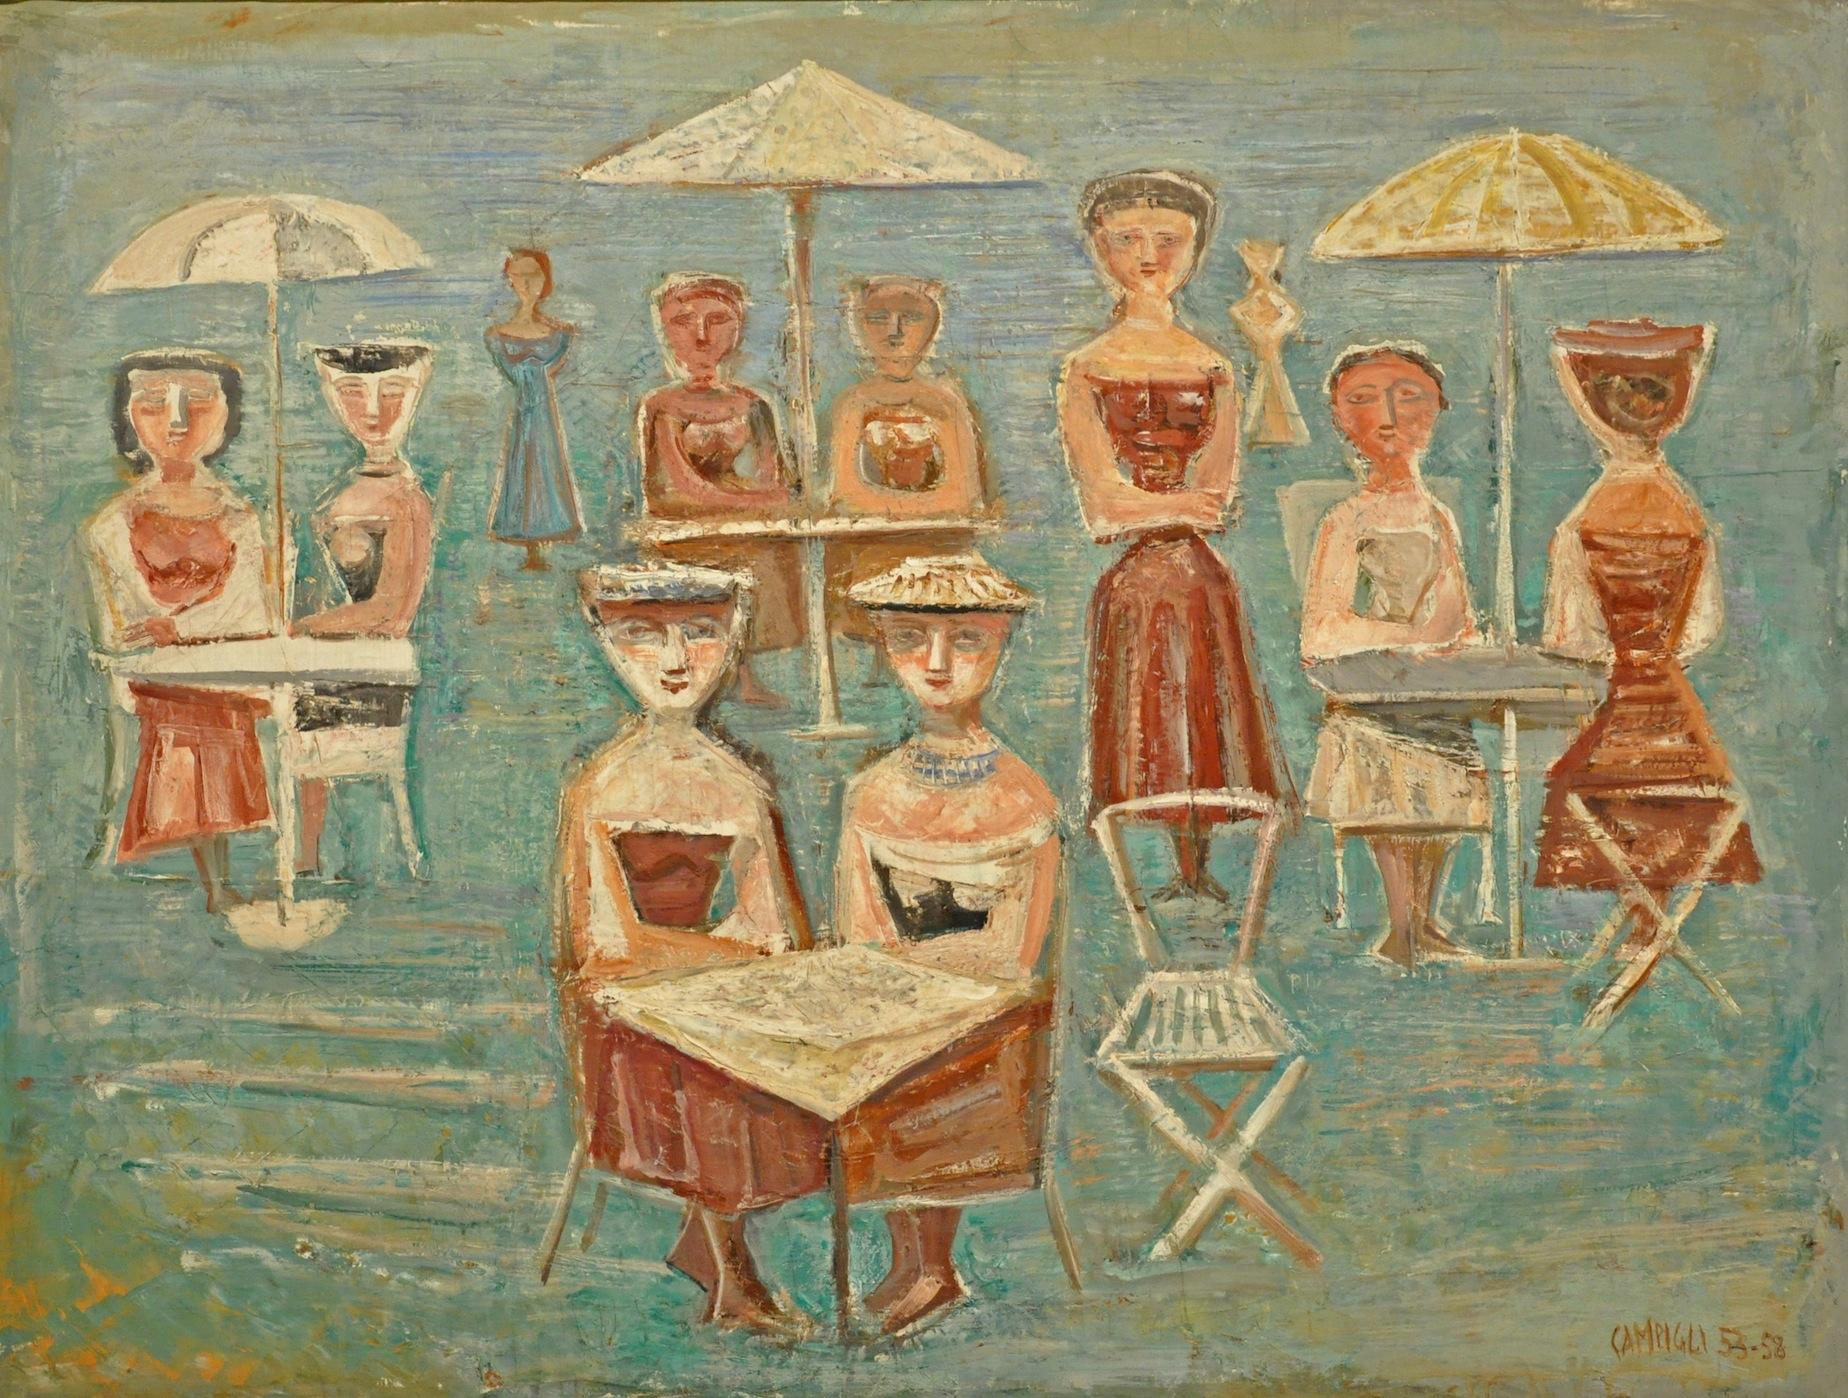 Massimo Campigli, Garden Party, 1953-58, olio su tela, 103x136 cm Courtesy Galleria Tega, Milano